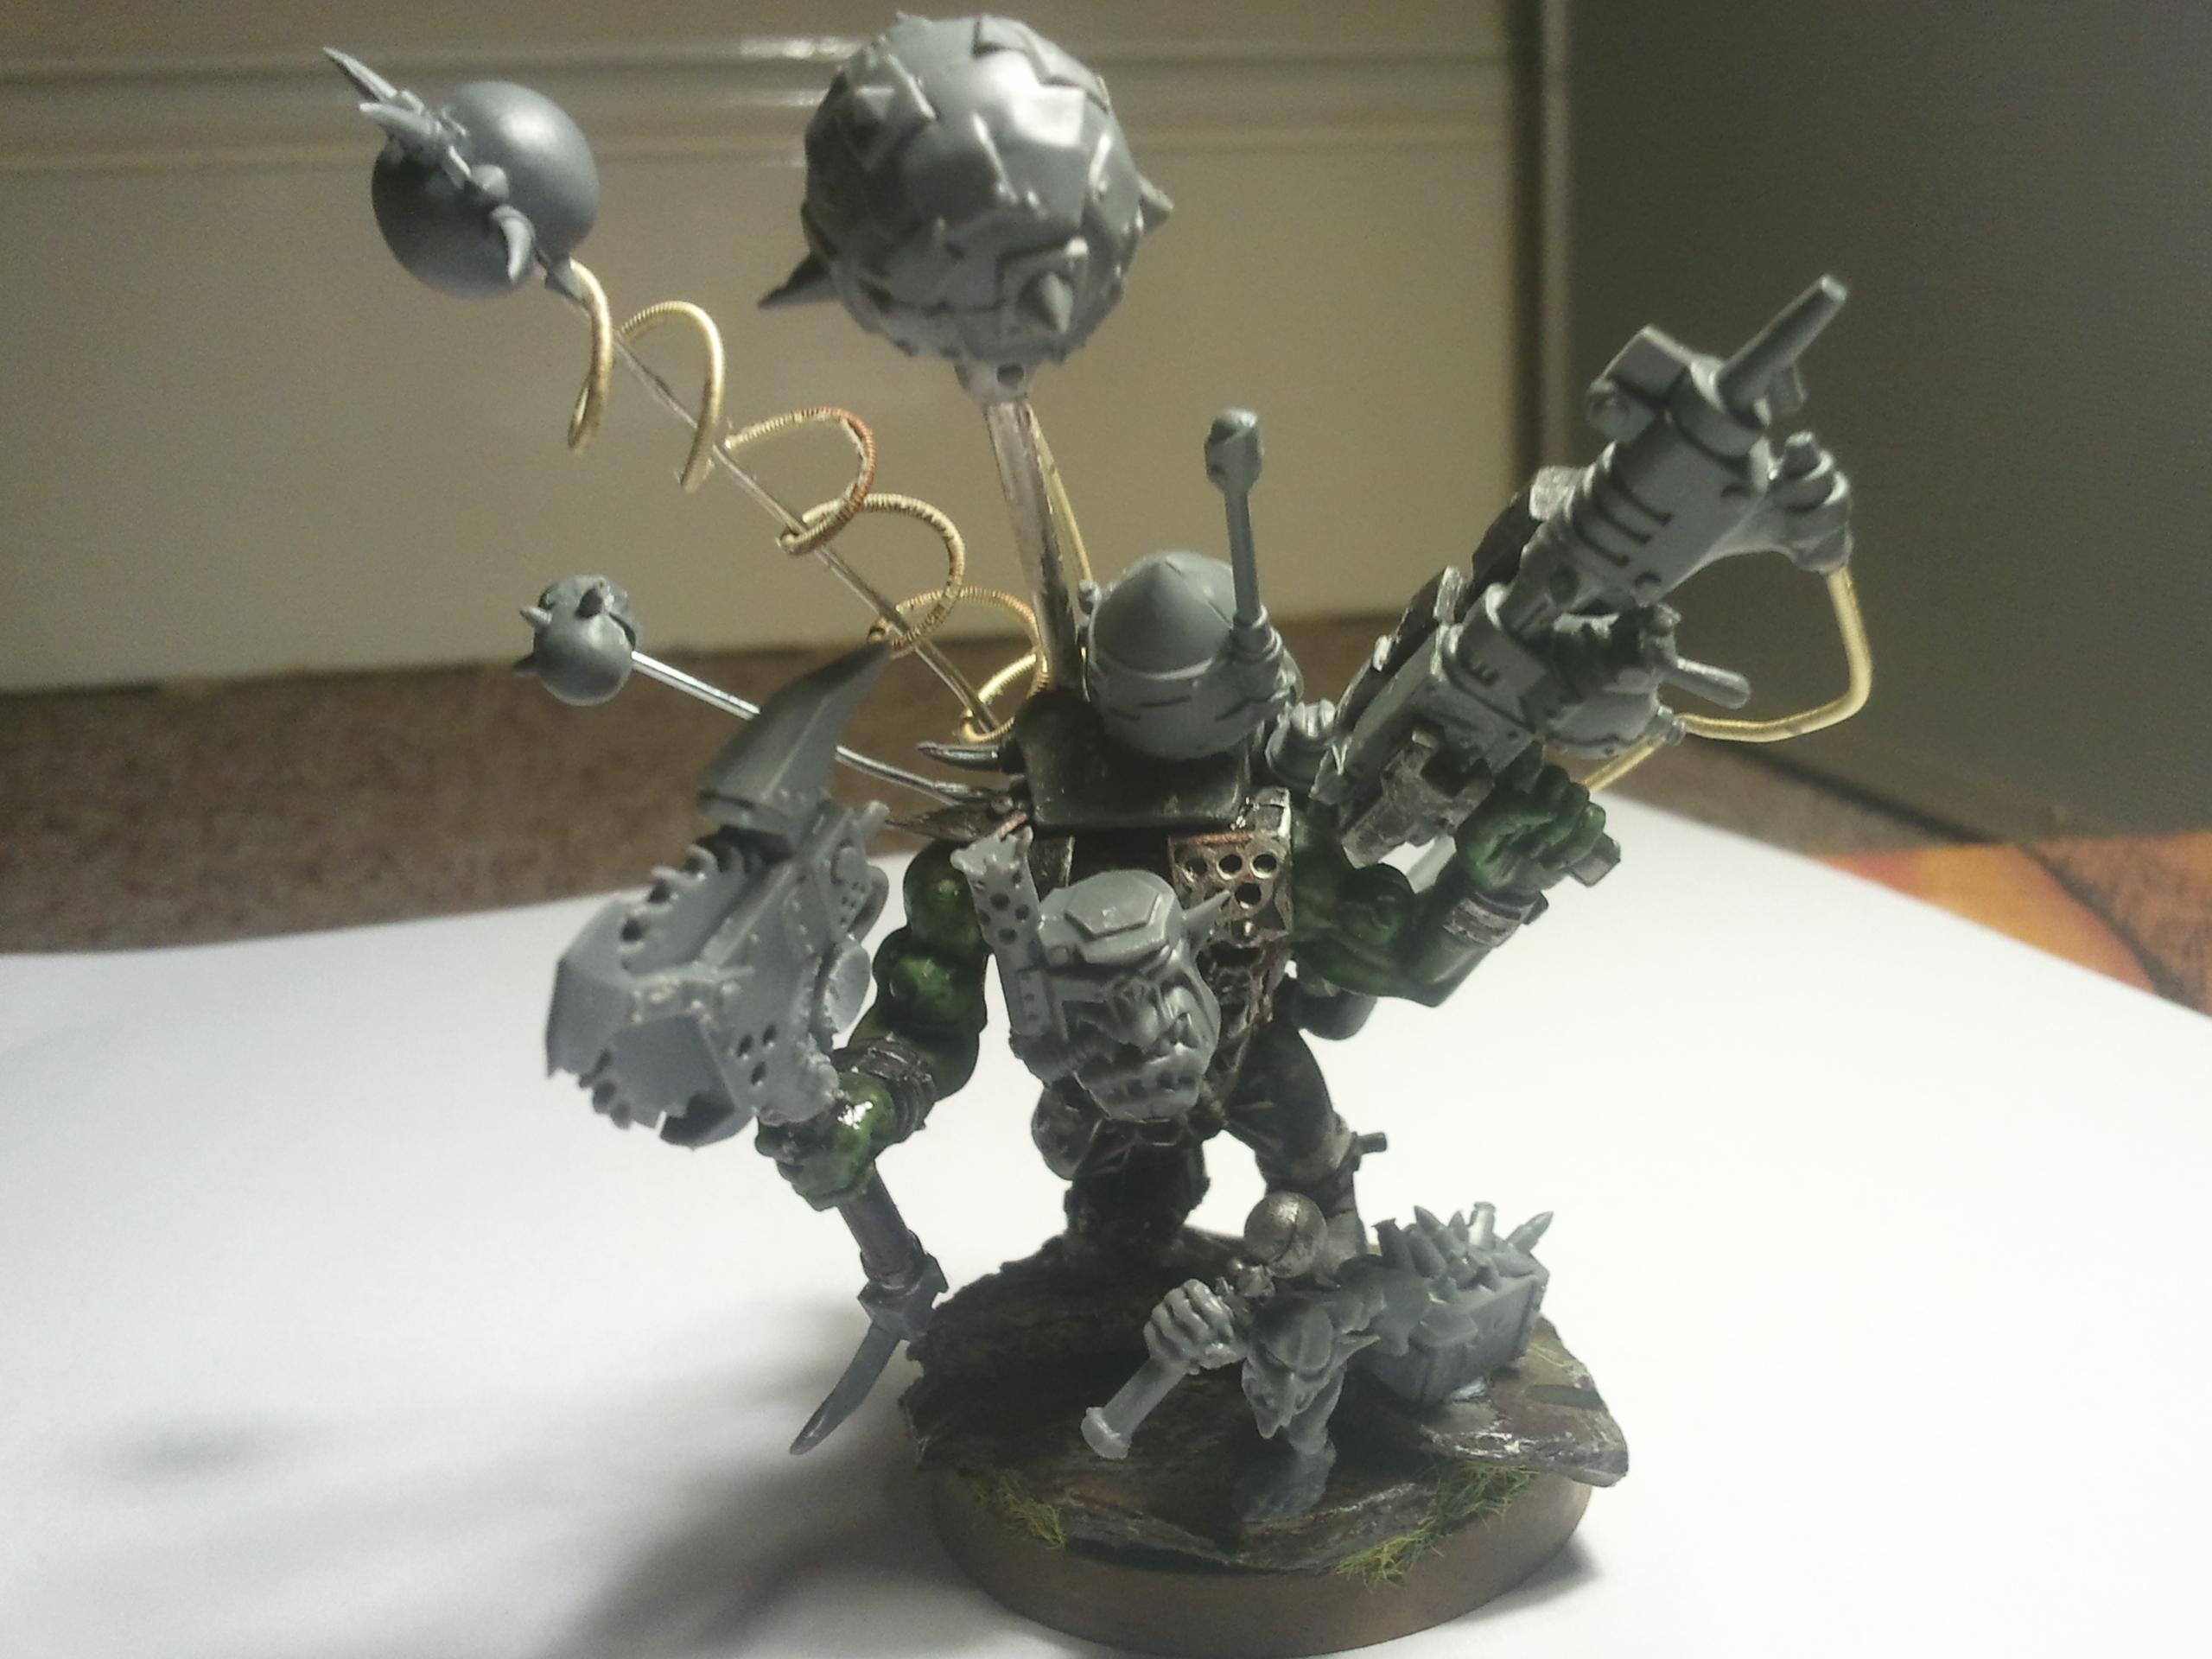 Mekboy, Orks